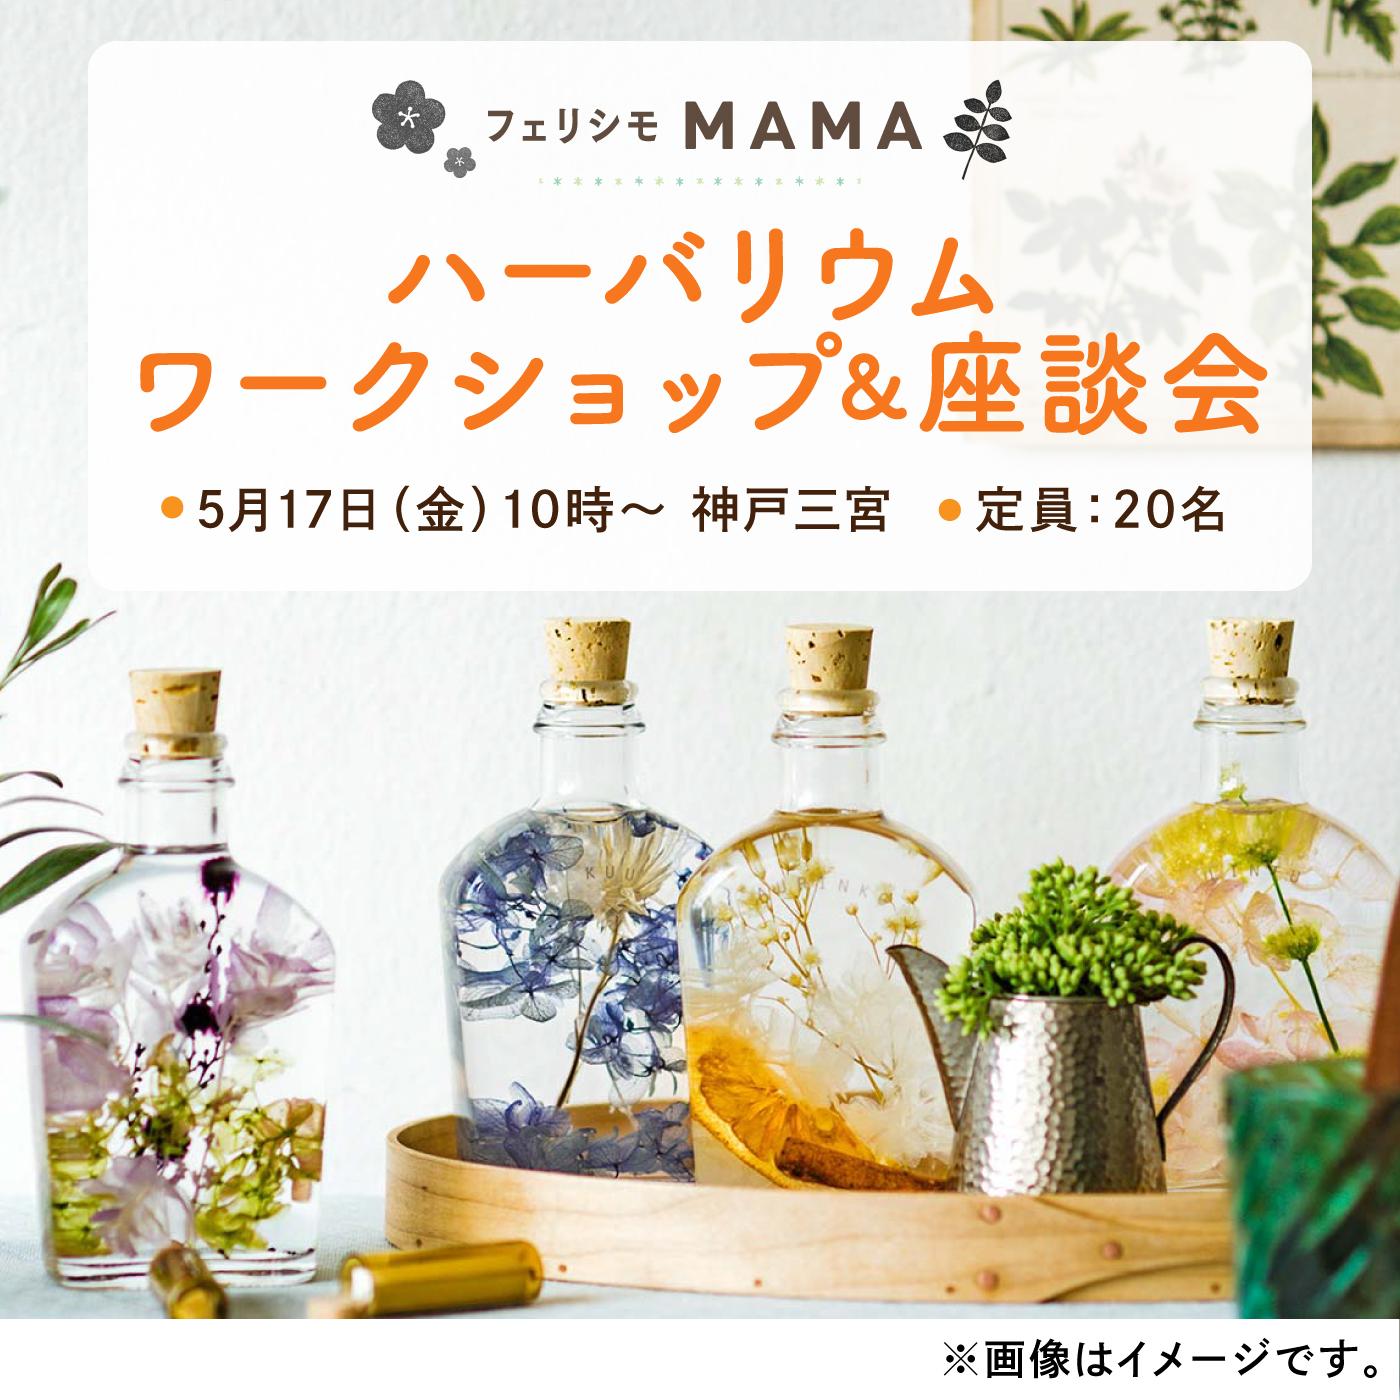 〈フェリシモMAMA〉5月17日(金)ハーバリウムワークショップ&座談会